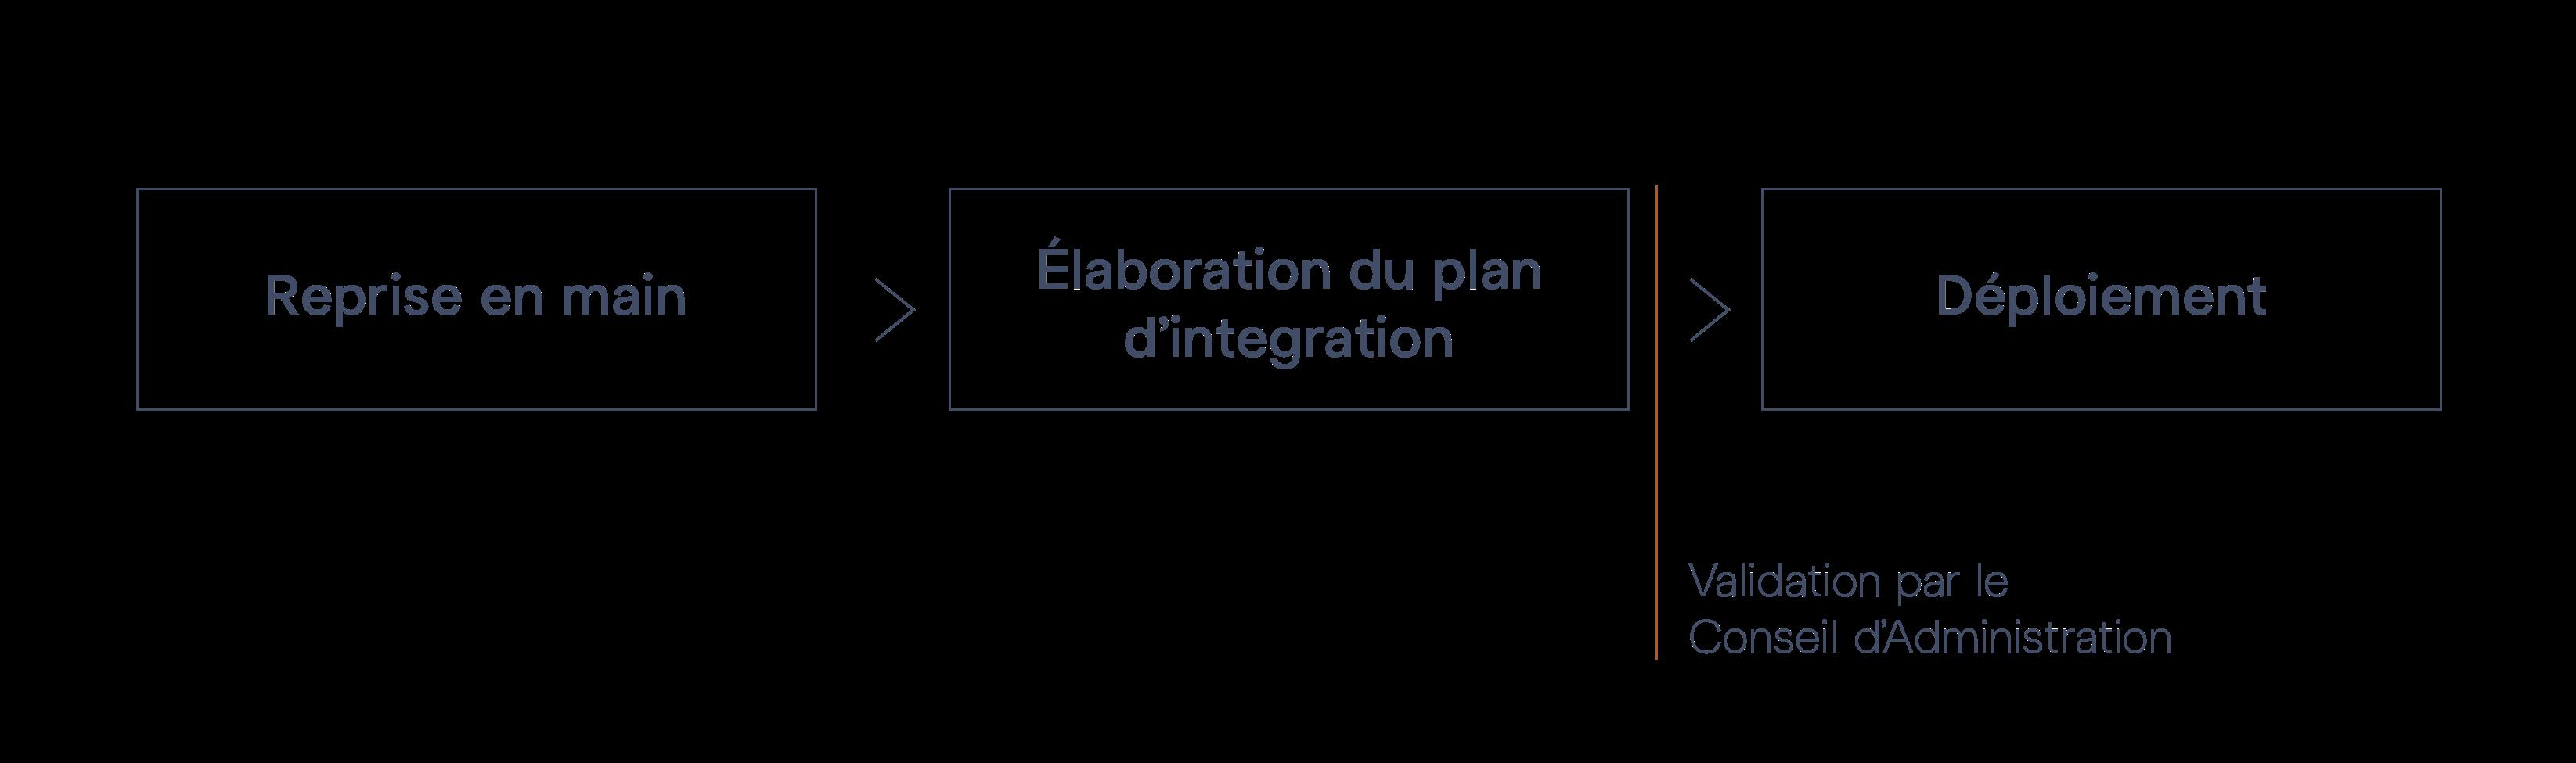 Schéma des 3 phases de la mission